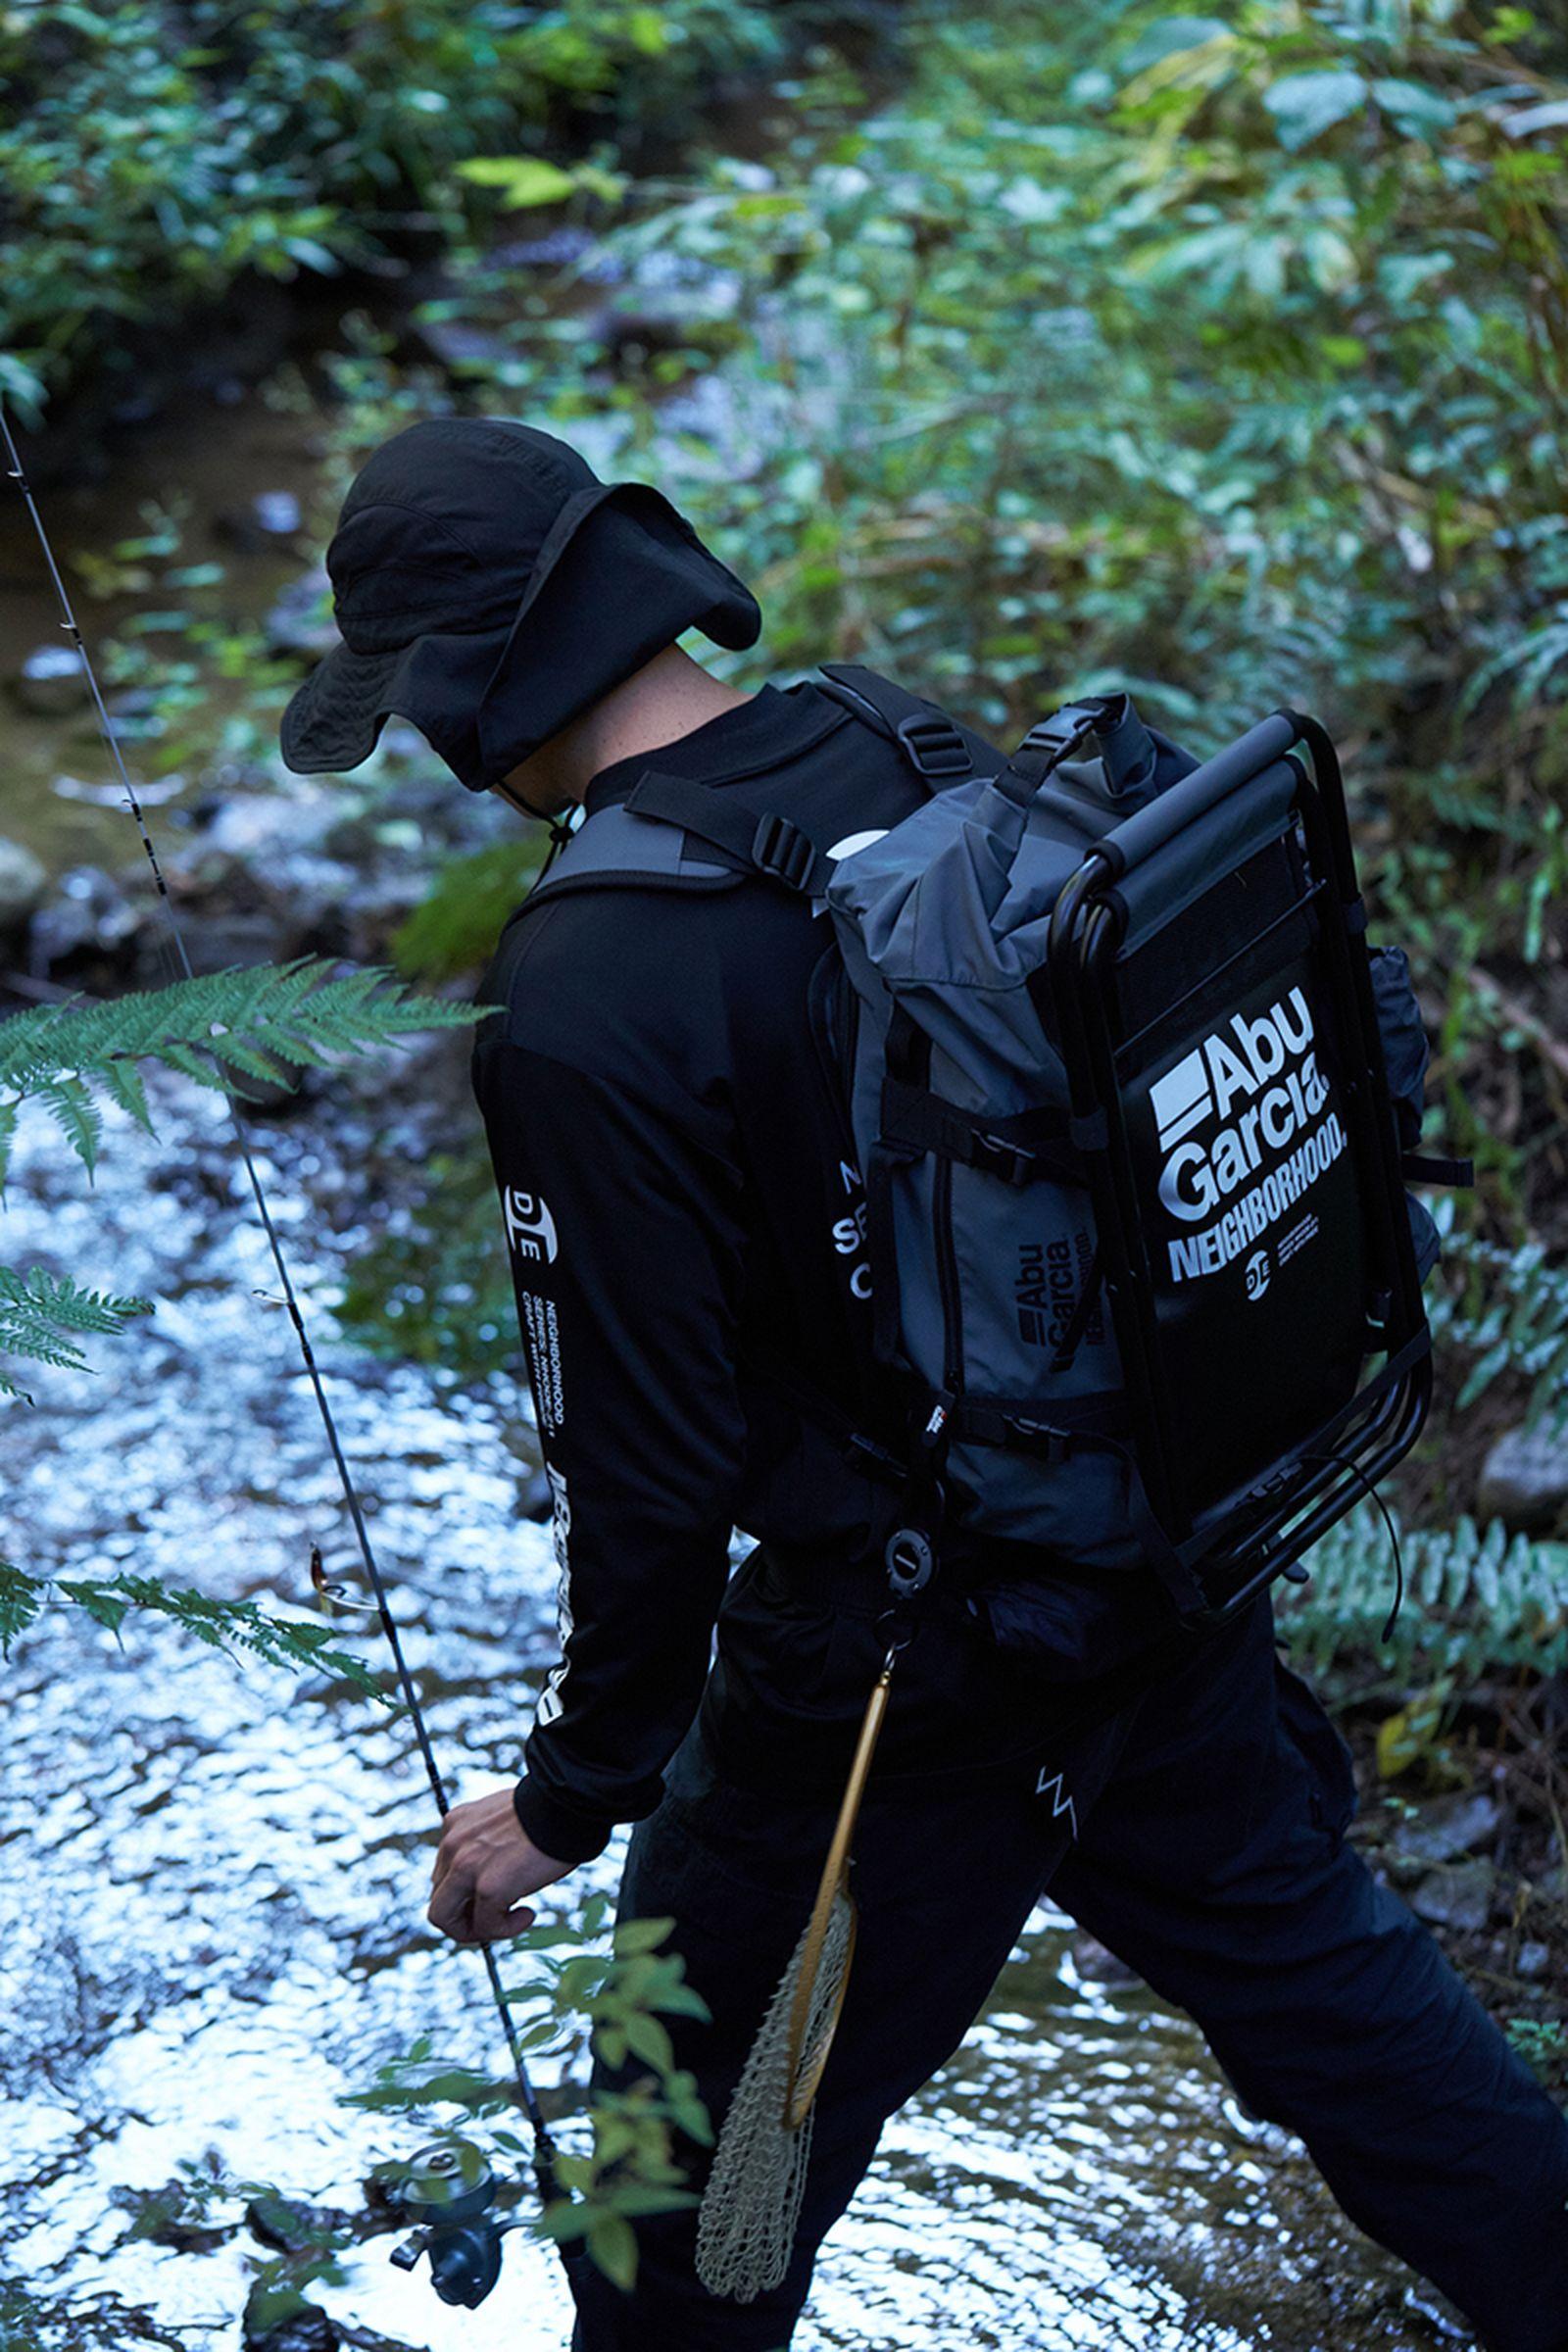 neighborhood-abu-garcia-fishing-camping-gear- (1)